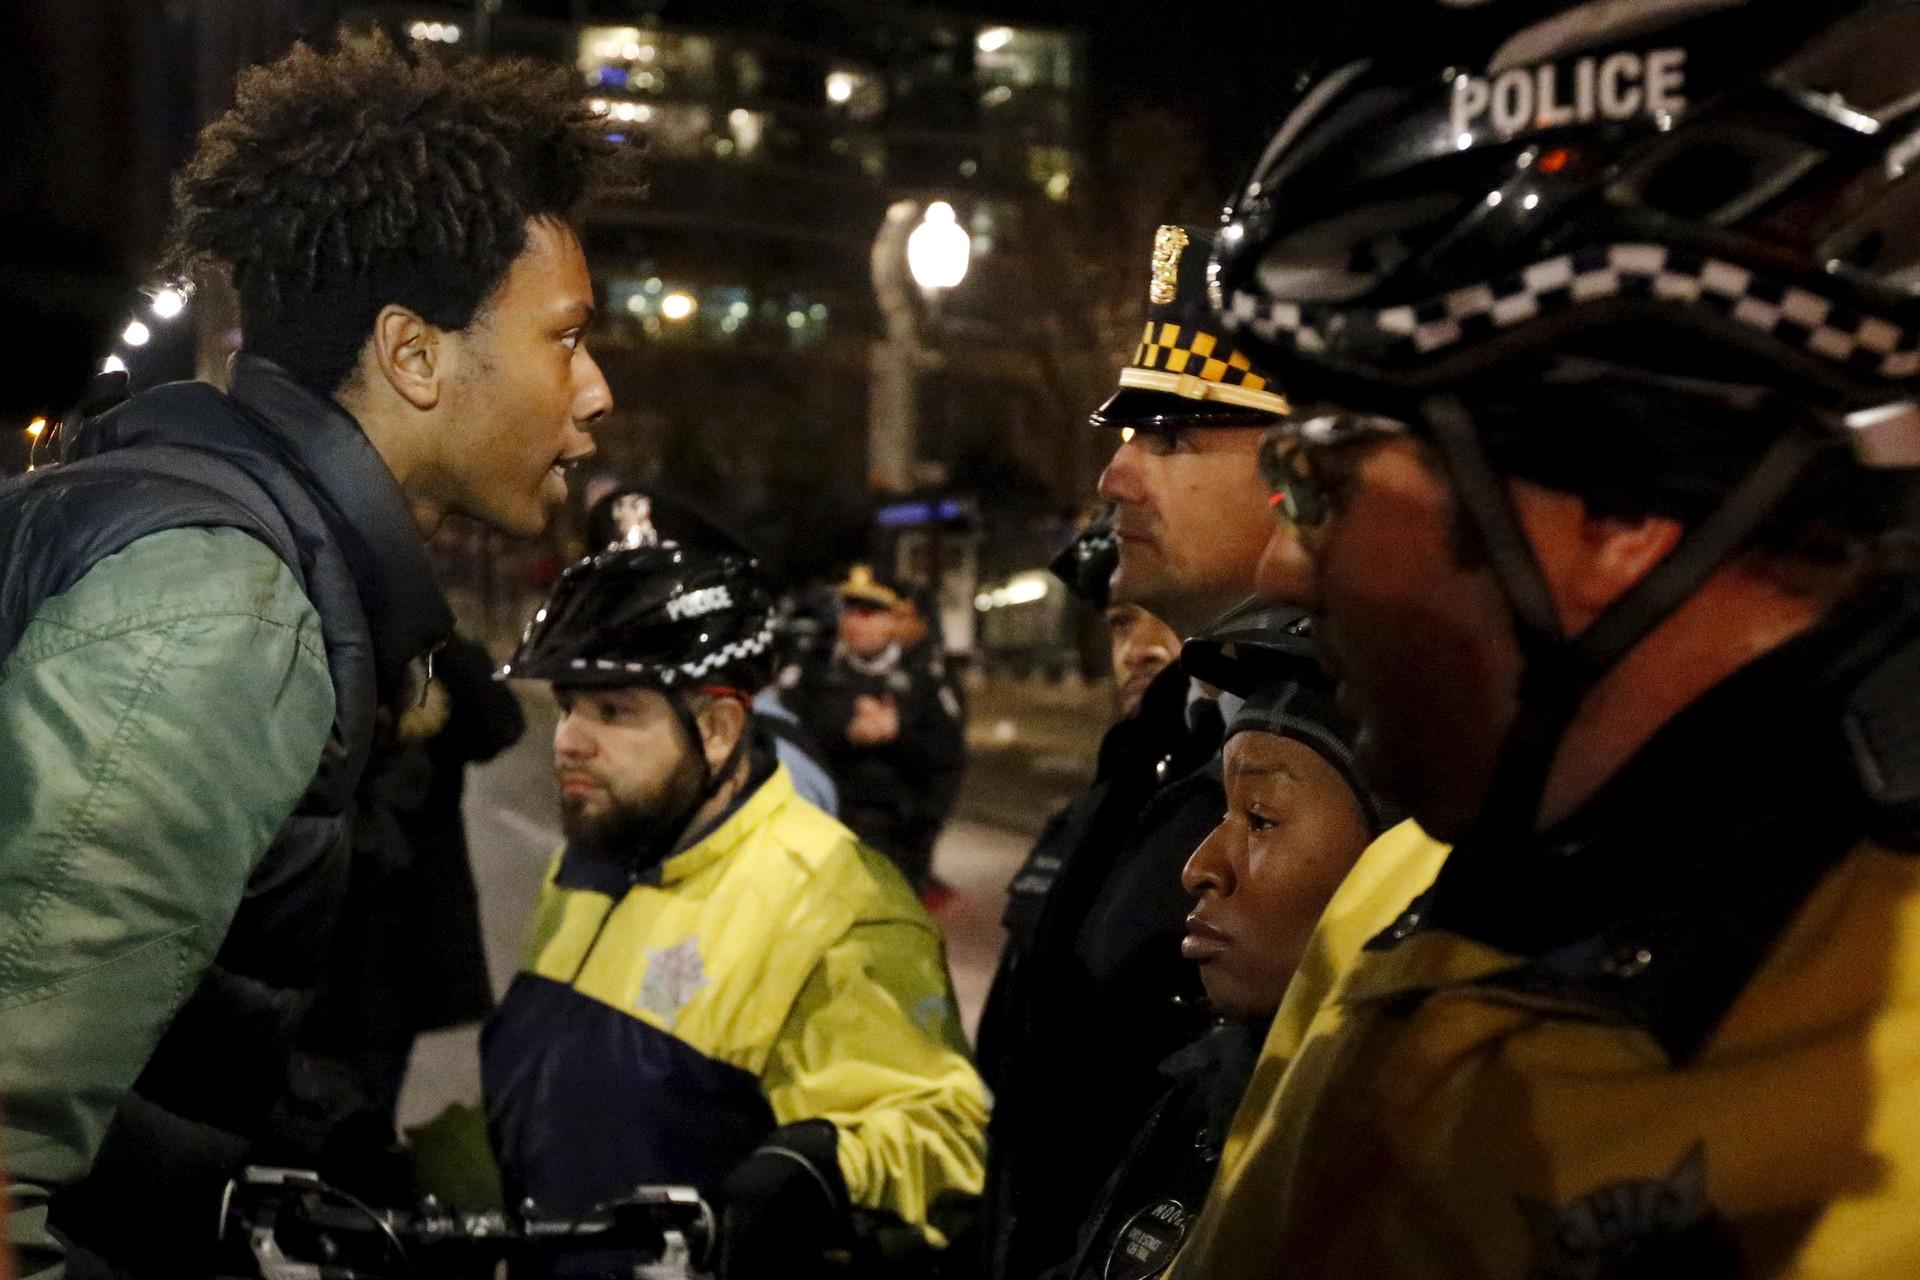 Un manifestante enfrenta a la Policía durante las protestas llevadas a cabo en Chicago, Illinois. 24 de noviembre de 2015.